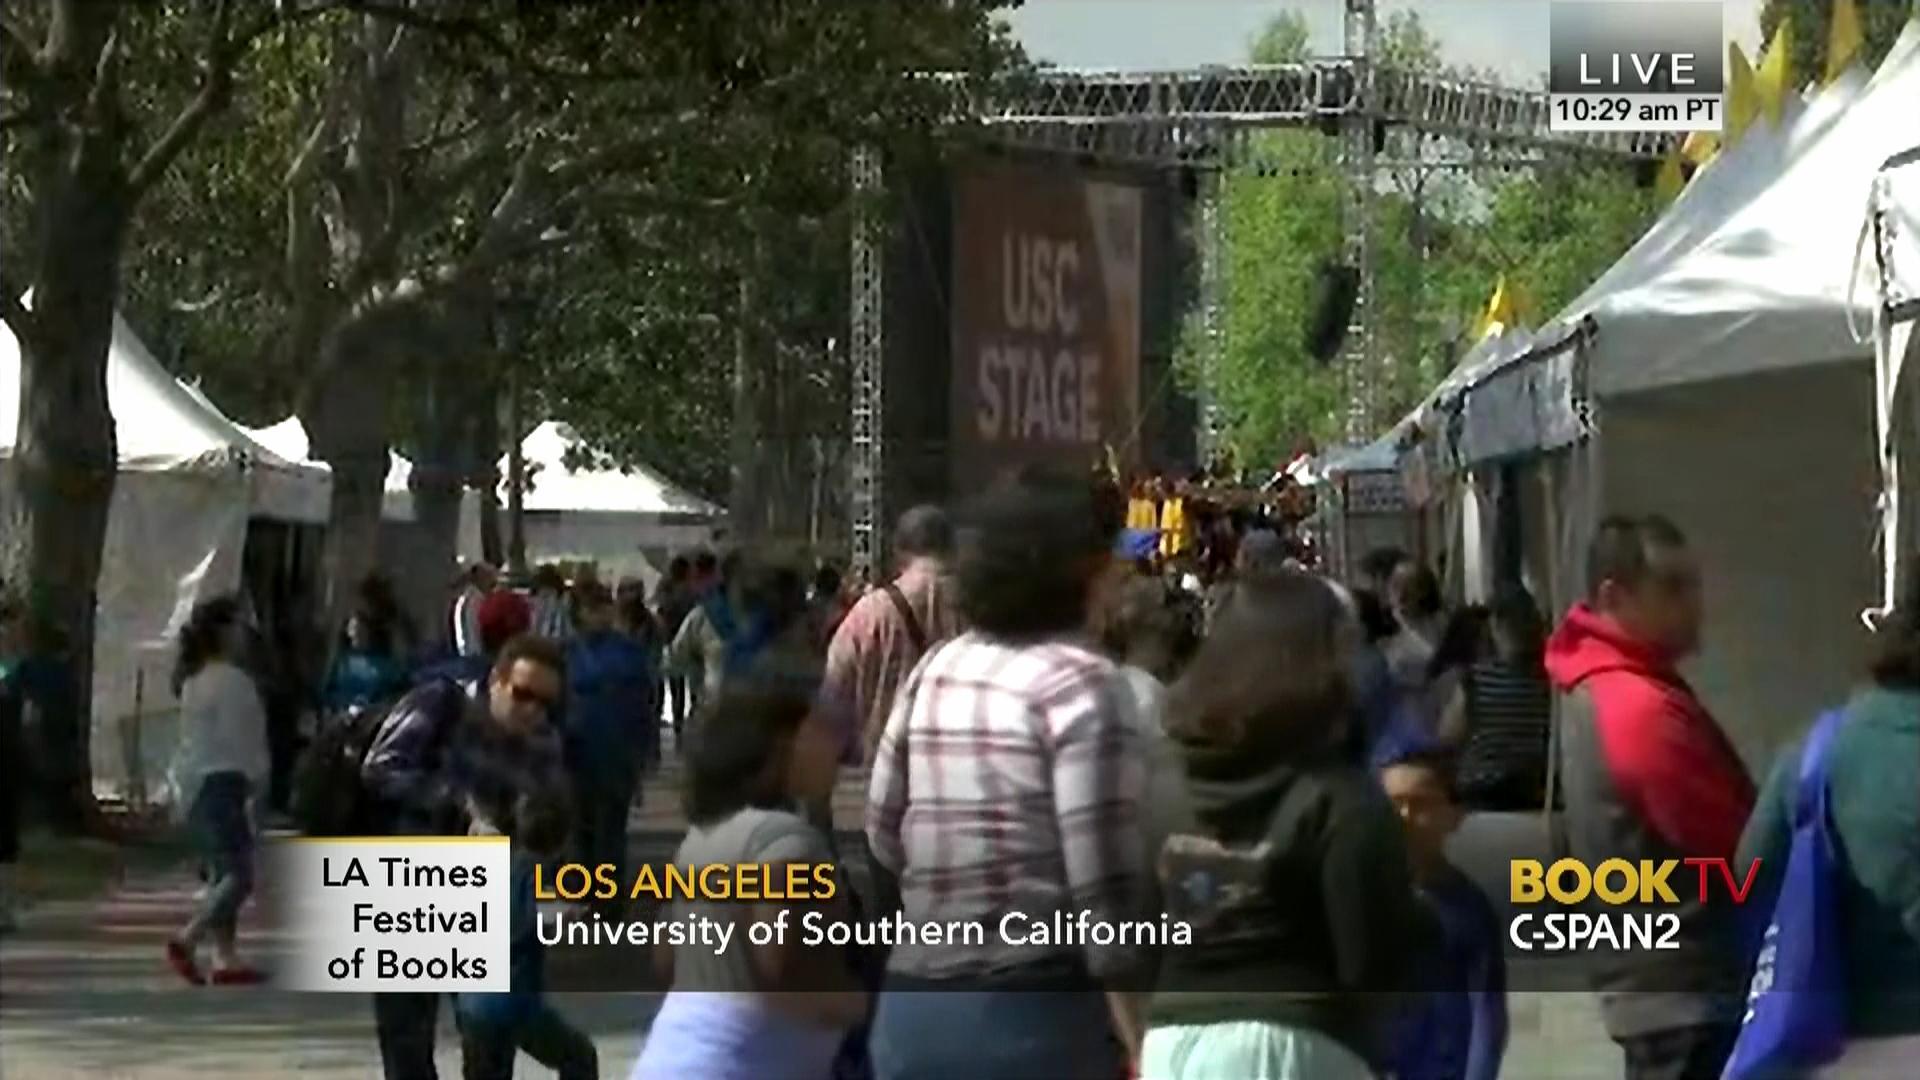 2015 Los Angeles Times Festival Books Saturday, Apr 18 2015  Cspan